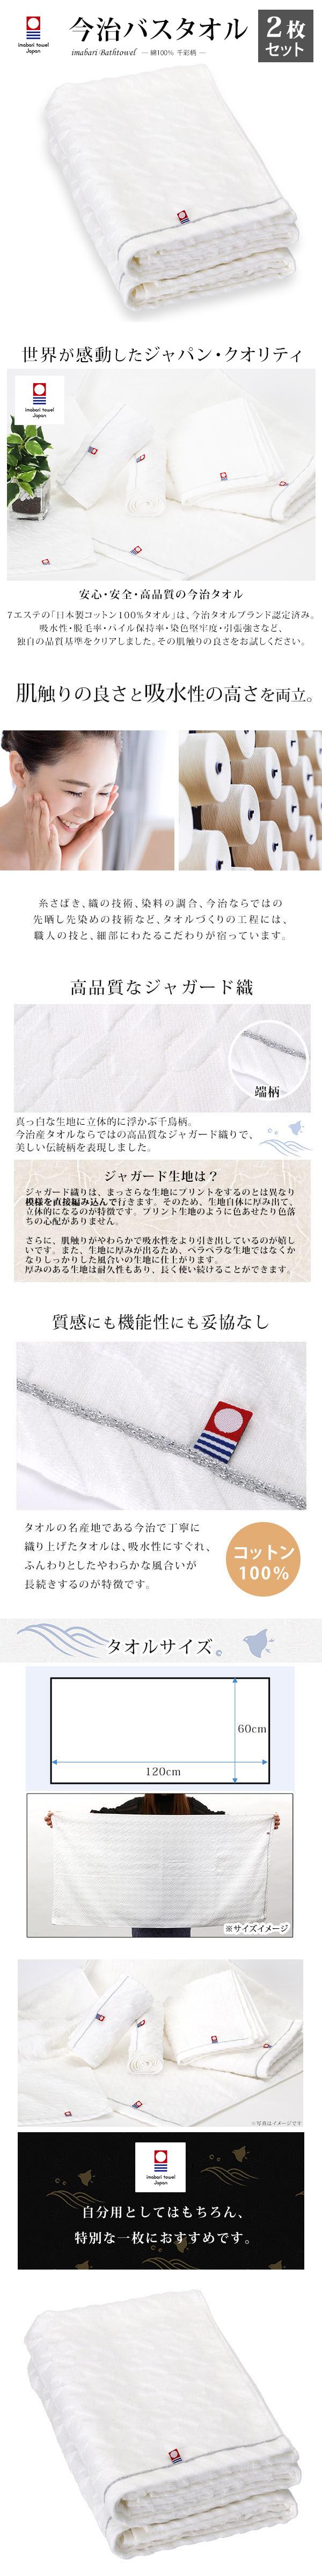 バスタオル 今治タオル 日本製 綿100% ホワイト 千彩柄 2枚セット 60cm×120cm